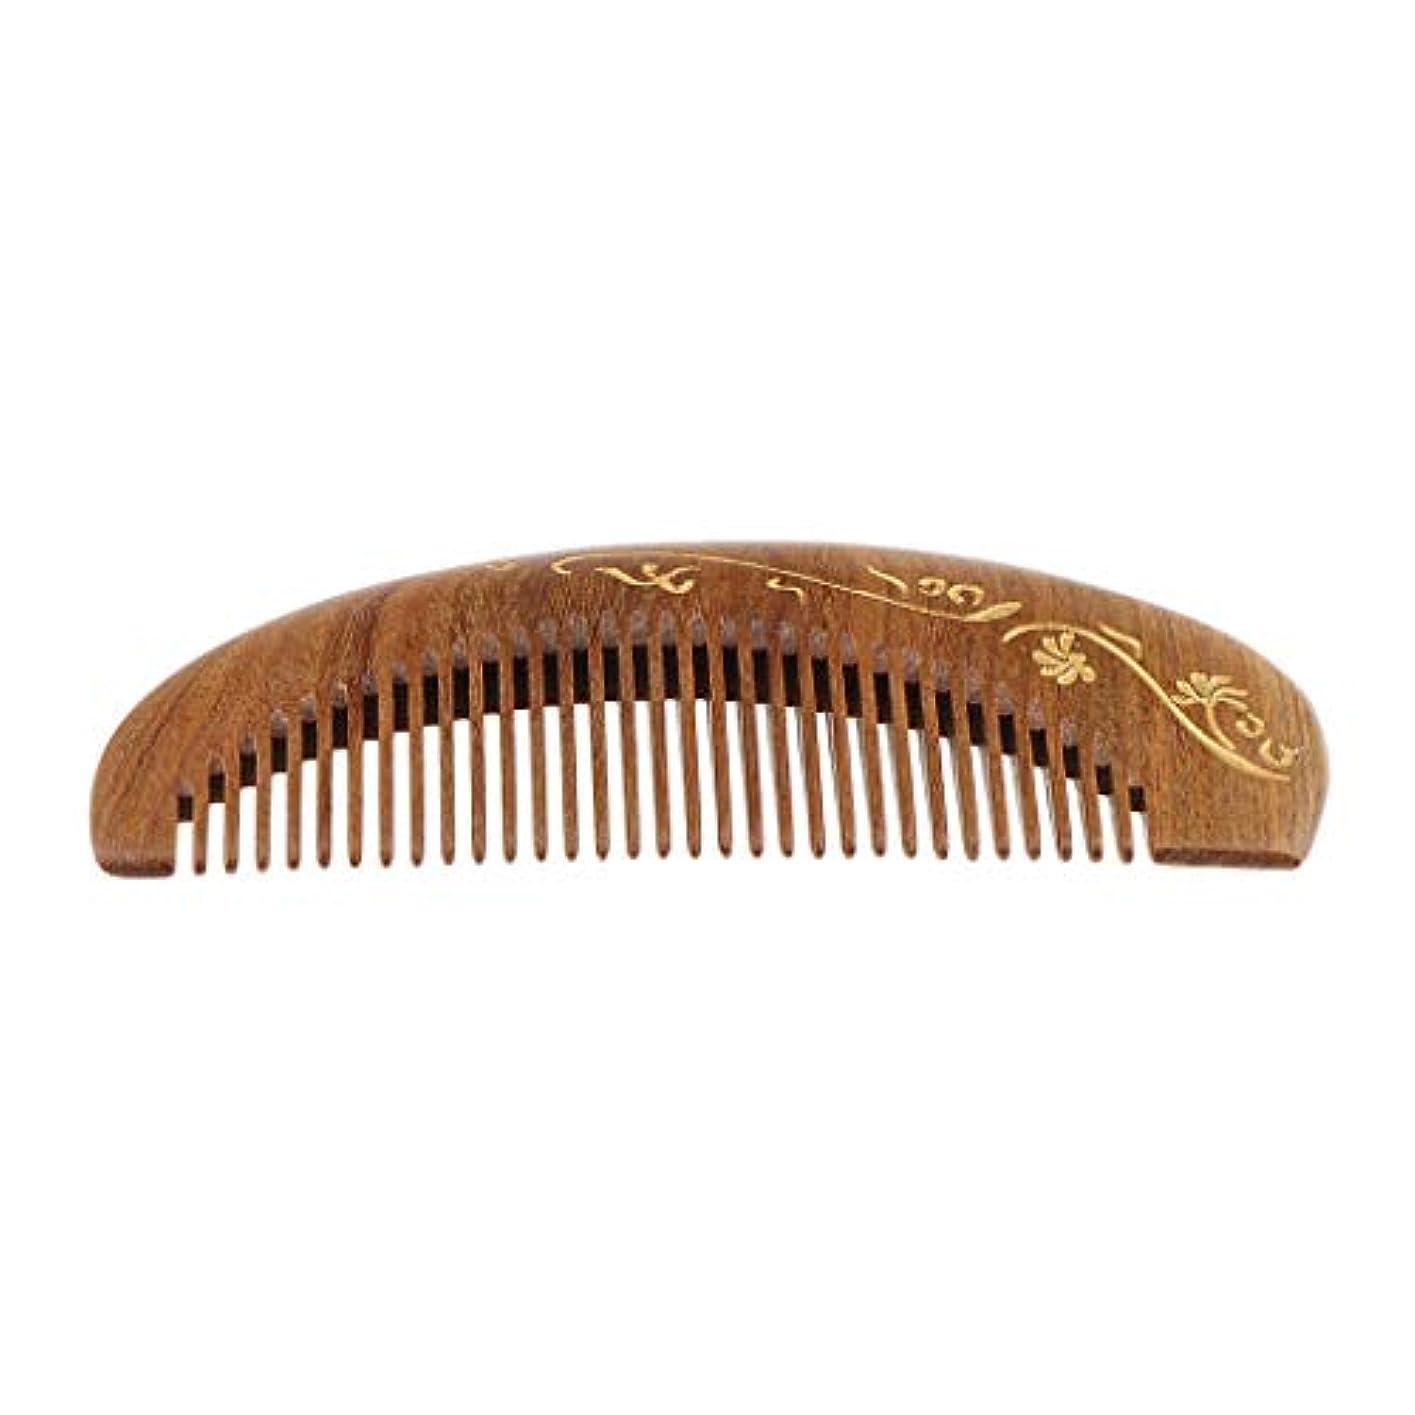 溢れんばかりの提供された失望させるSM SunniMix 木製ヘアコーム 静電気防止櫛 ヘアサロン 広い歯 マッサージ櫛 4仕様選べ - #2